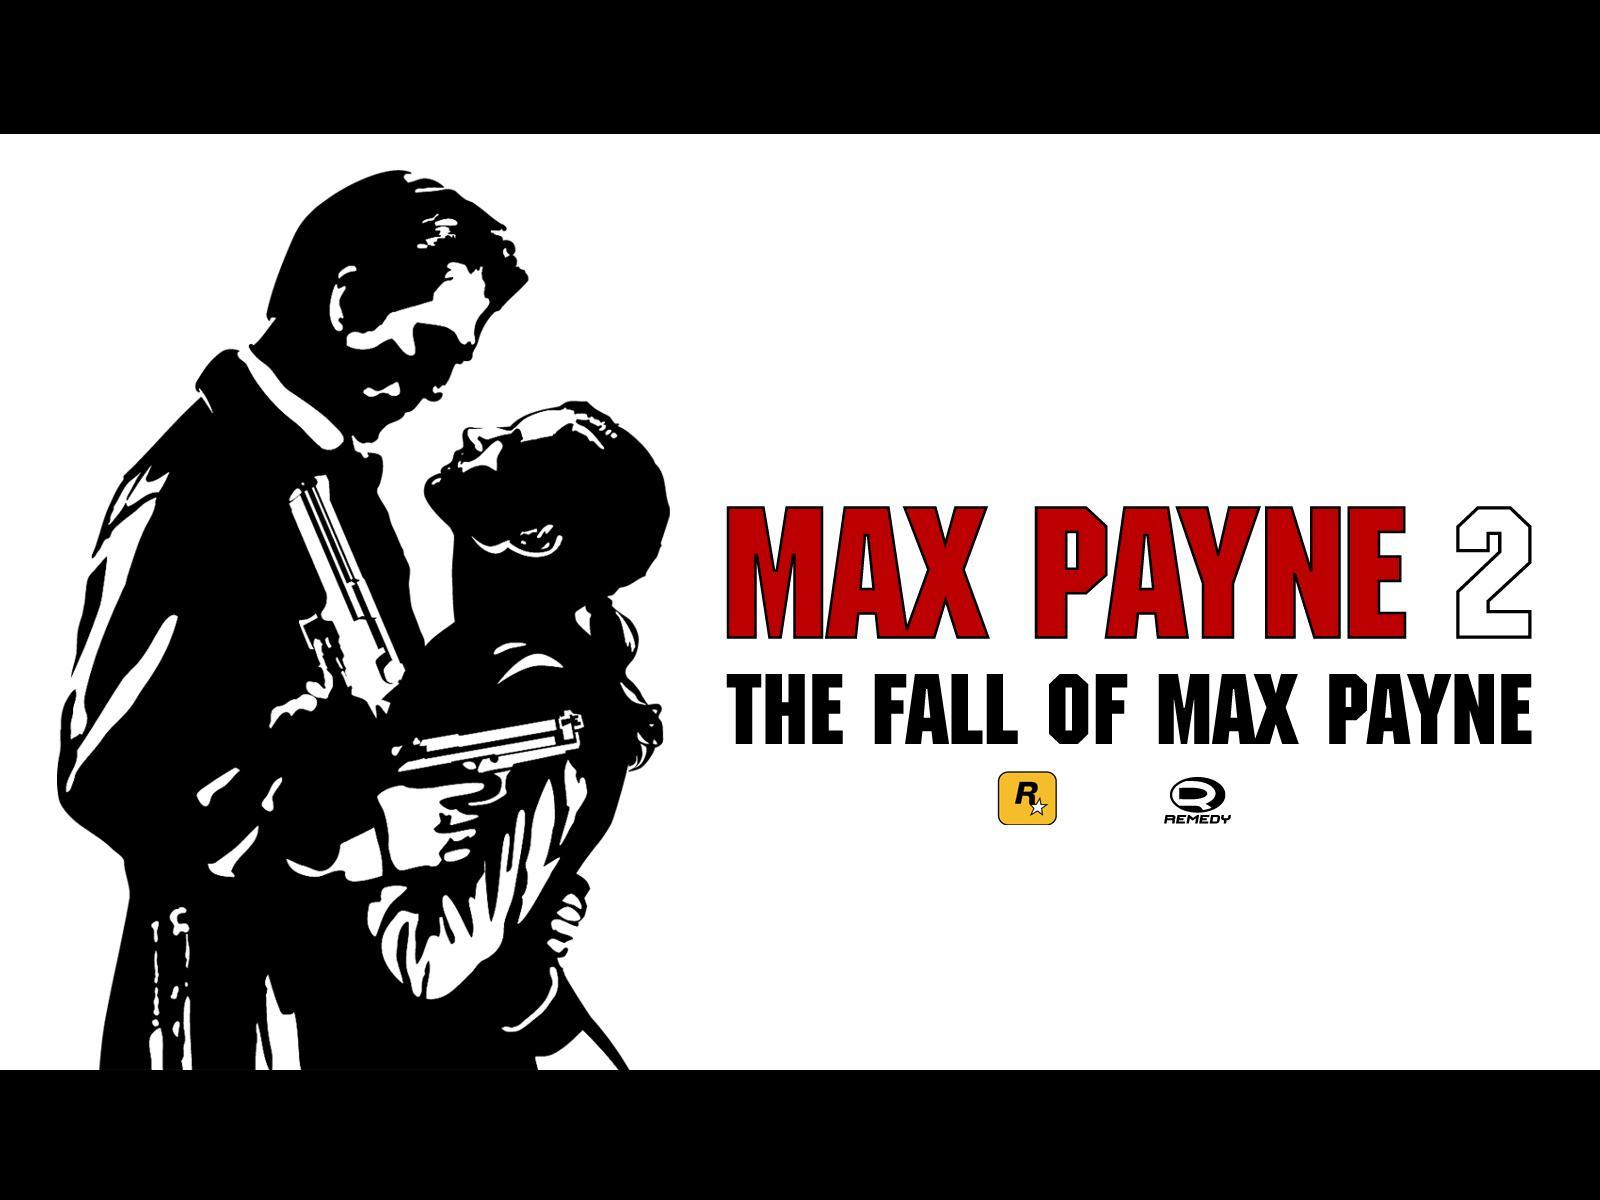 Jusqu'à -80% sur une sélection de jeux Rockstar Games - Ex: Max Payne 2 sur PC (dématérialisé)